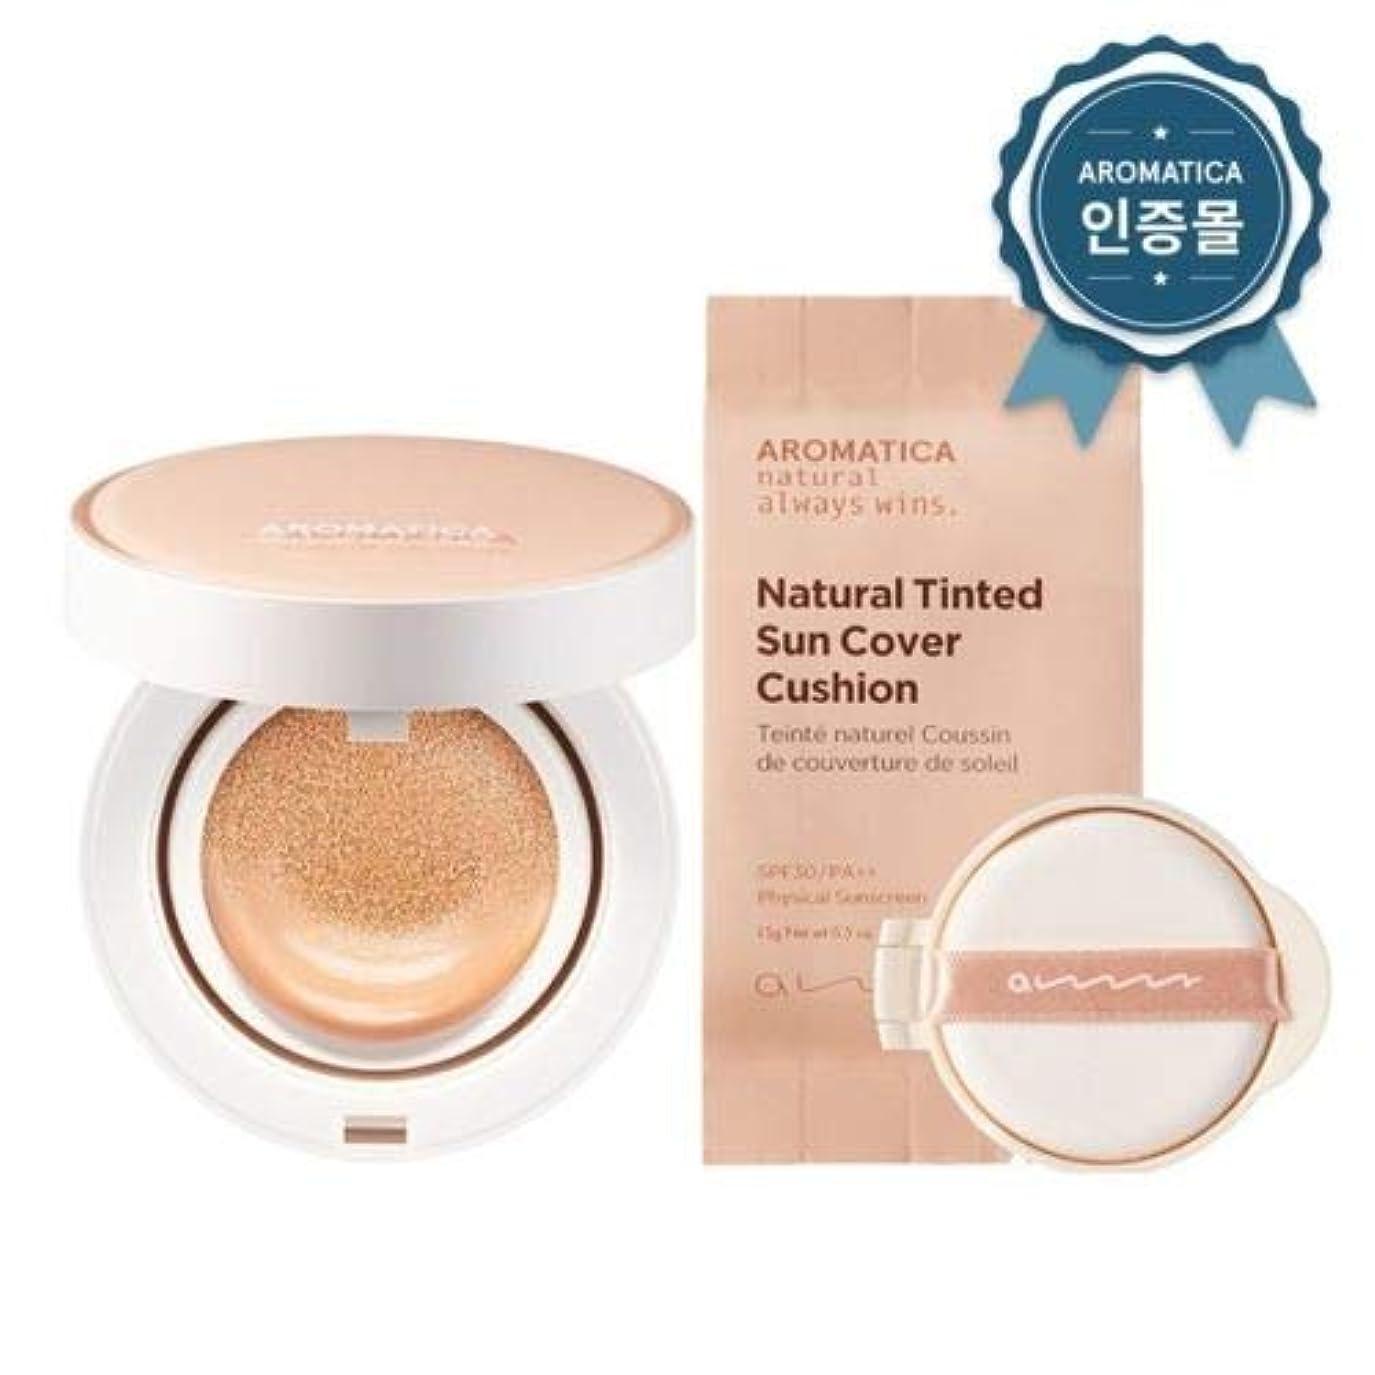 証拠拡声器分AROMATICA アロマティカ Natural Tinted Sun Cover Cushion サンクッション 本品15g + リフィール15g (ライトベージュ)